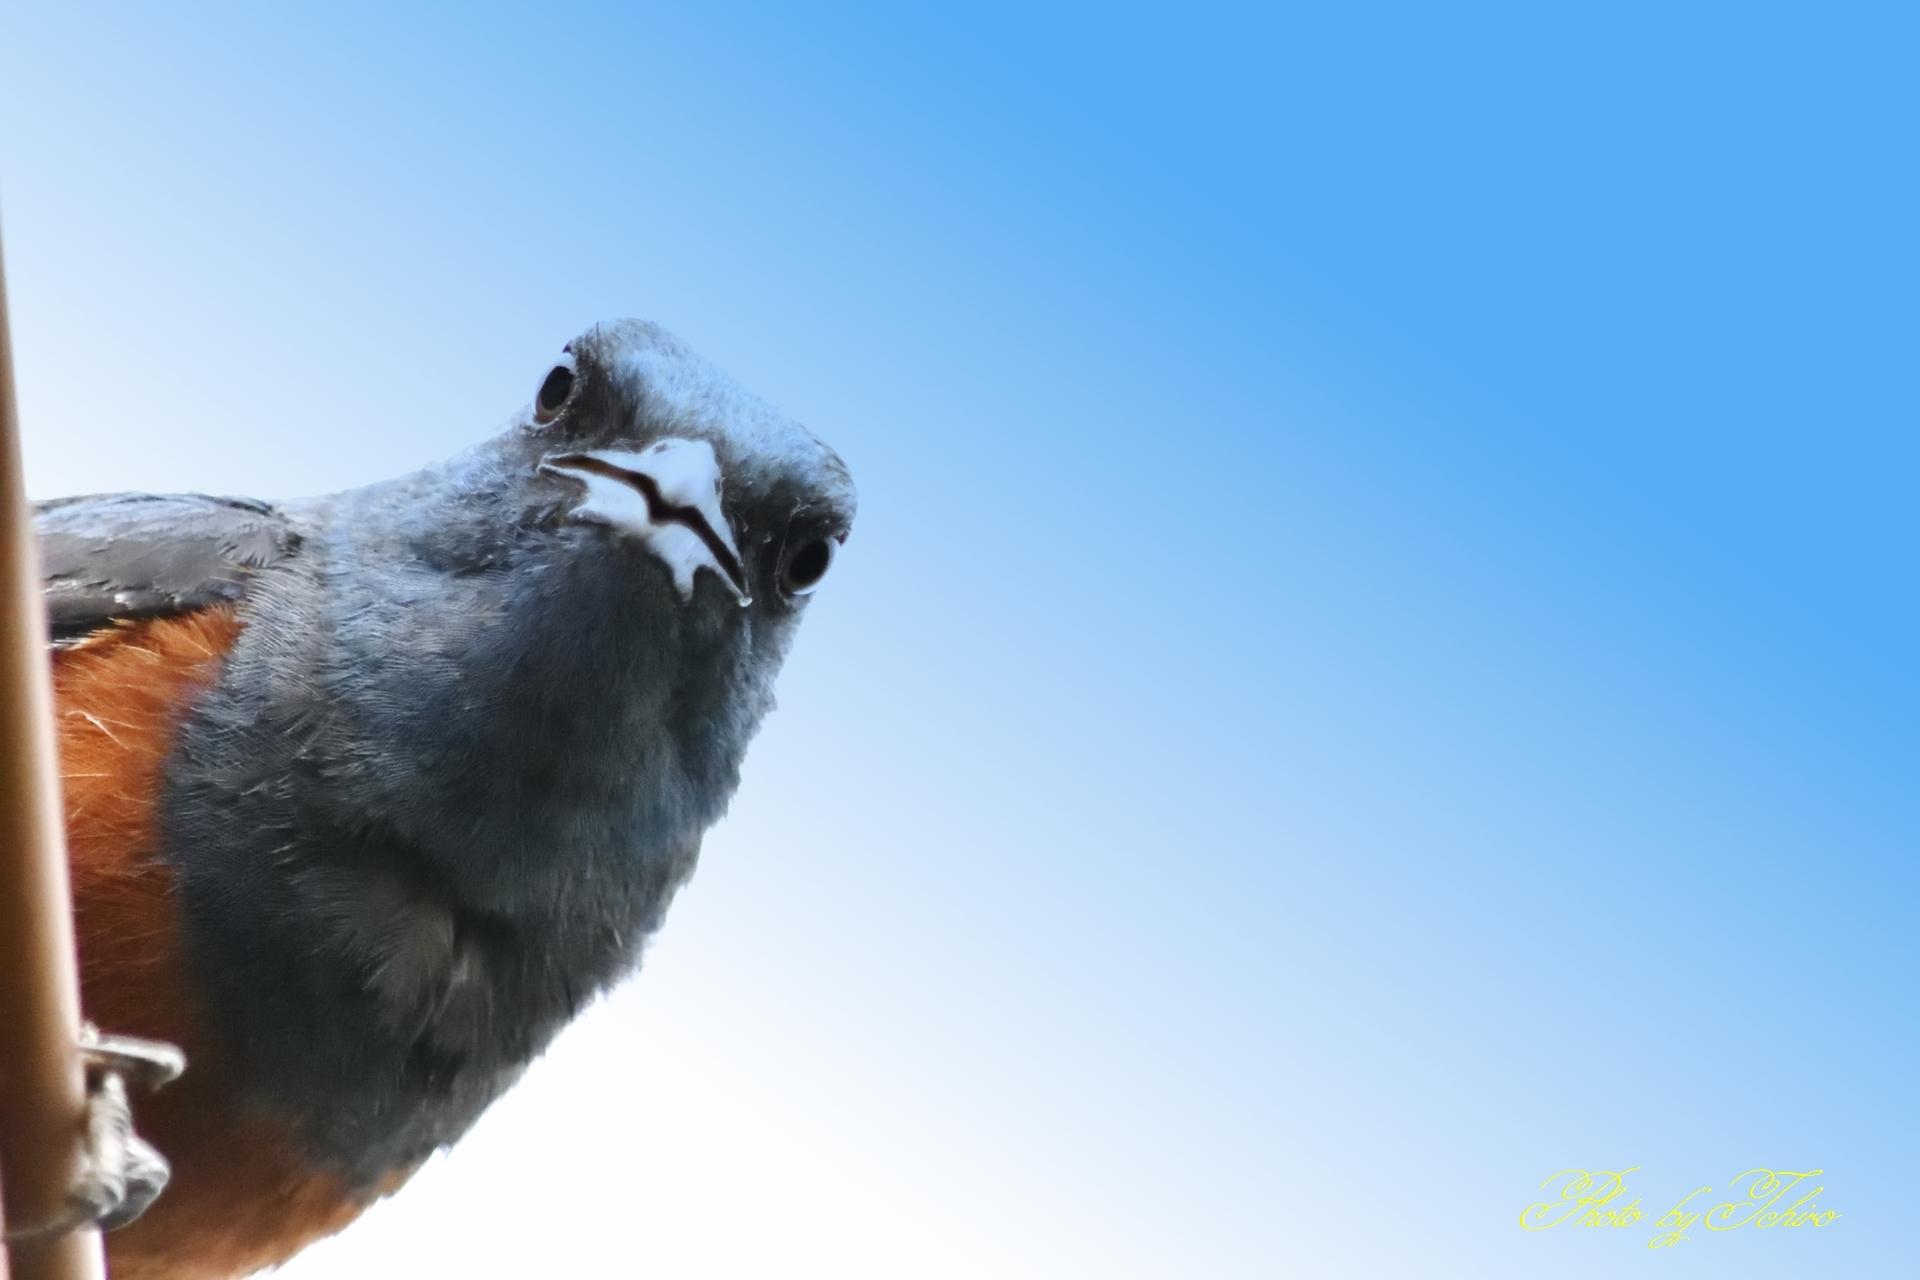 鳥さんもびっくり